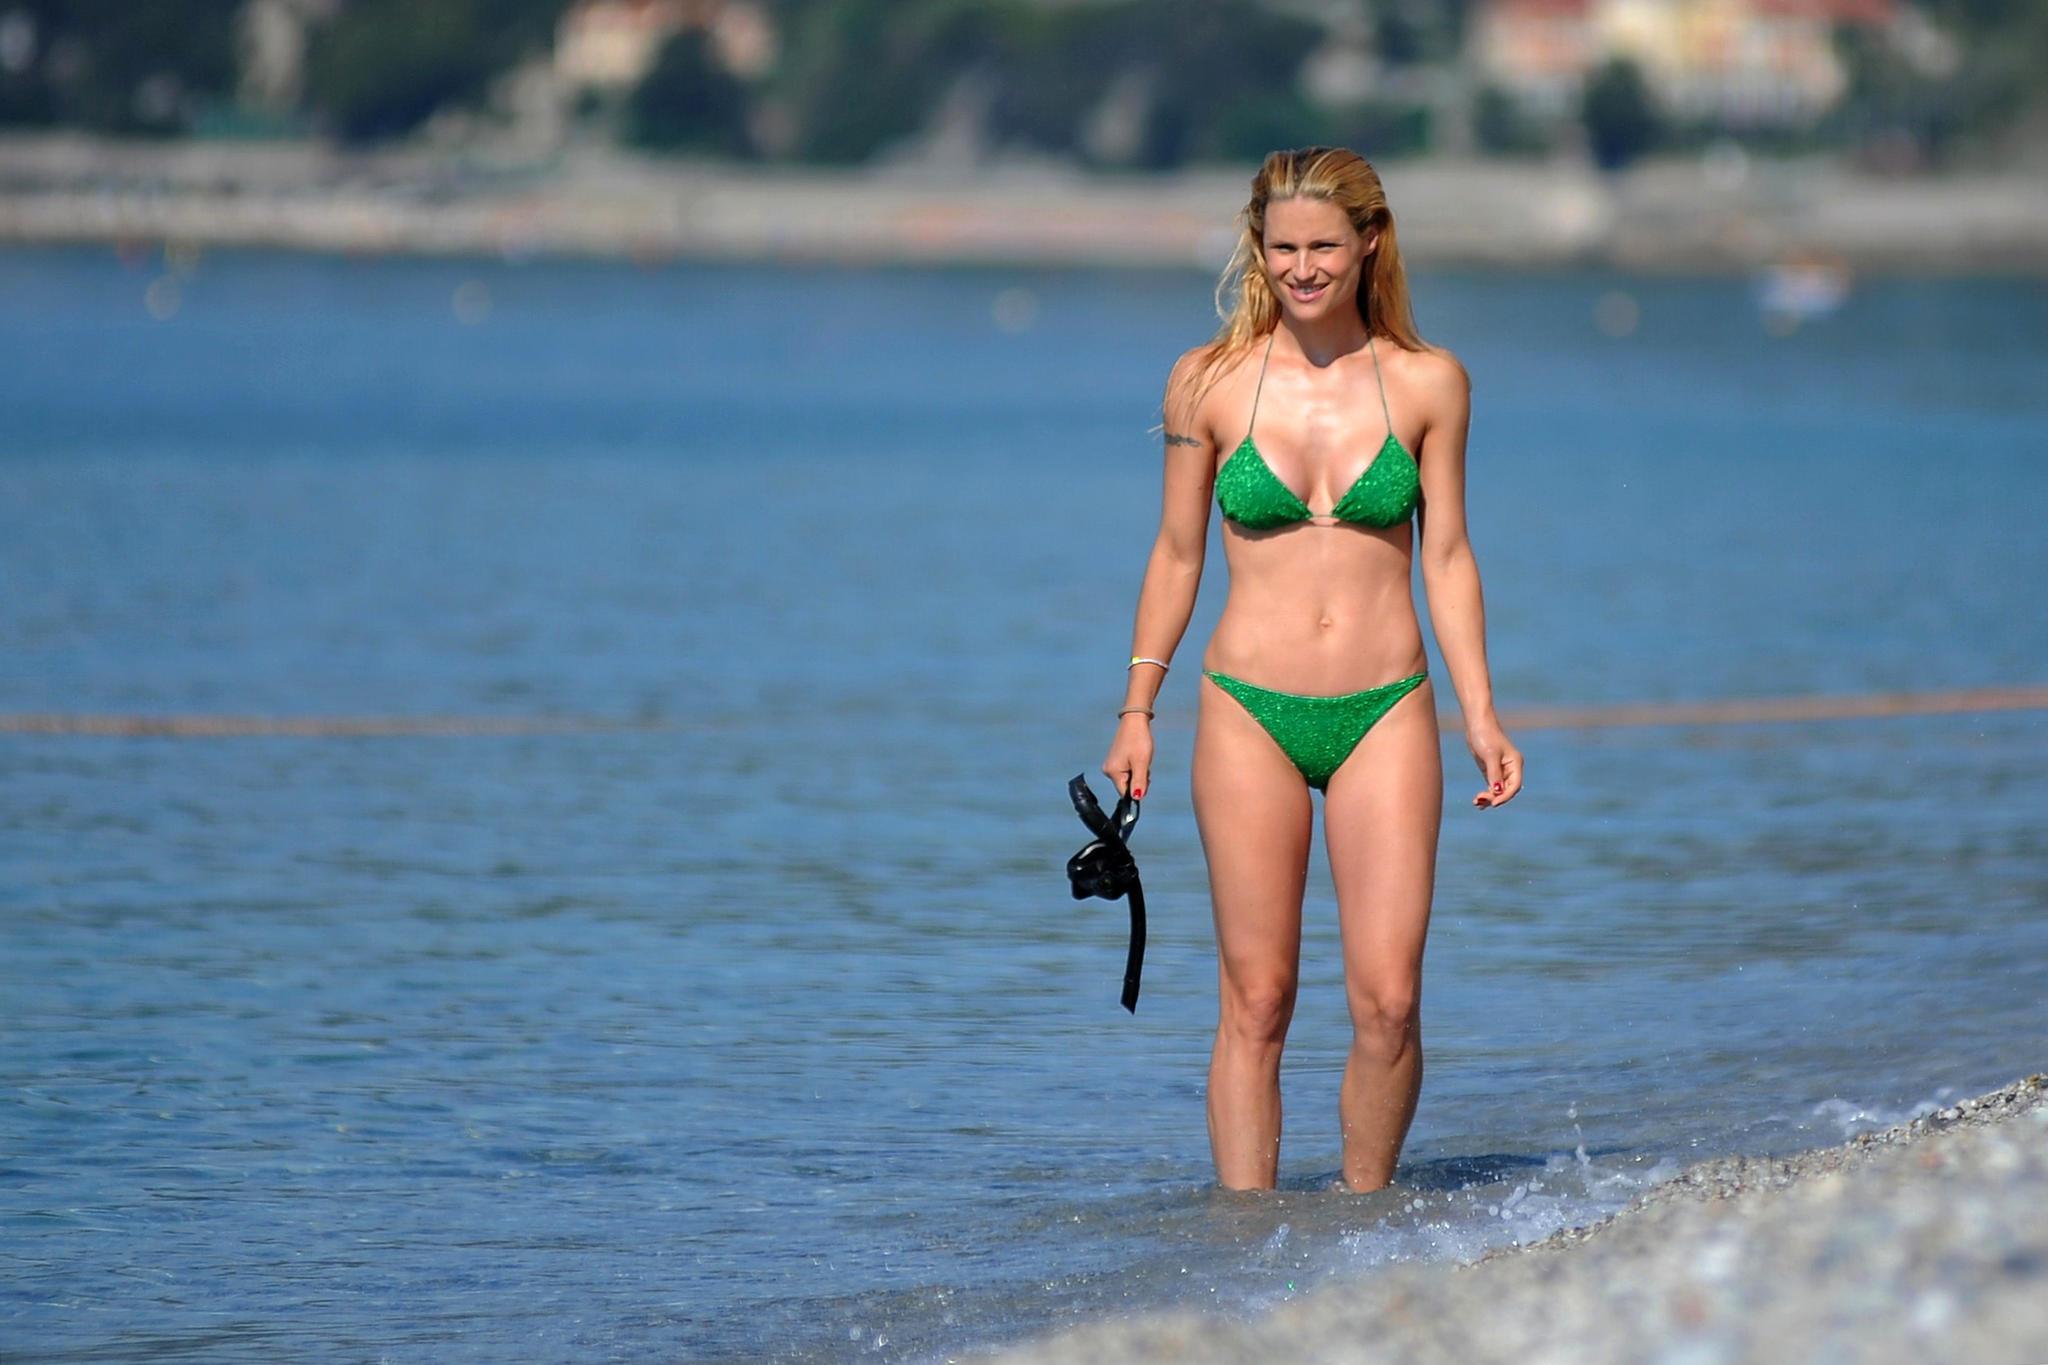 Michelle hunziker nackt fotos Nude Photos 49